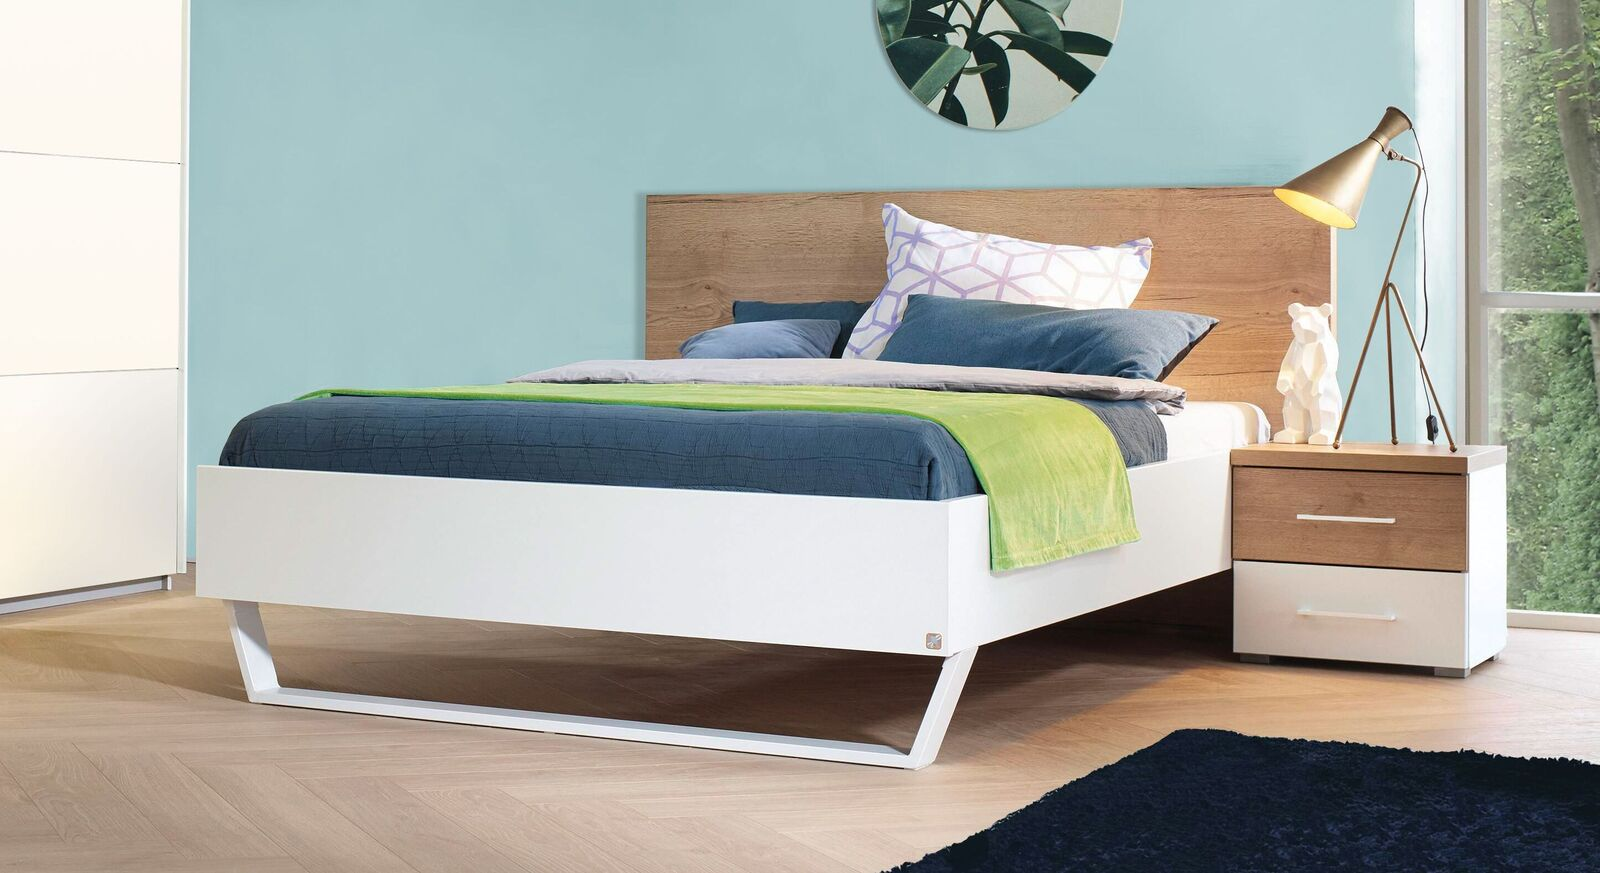 Bett Lania in elegantem Design